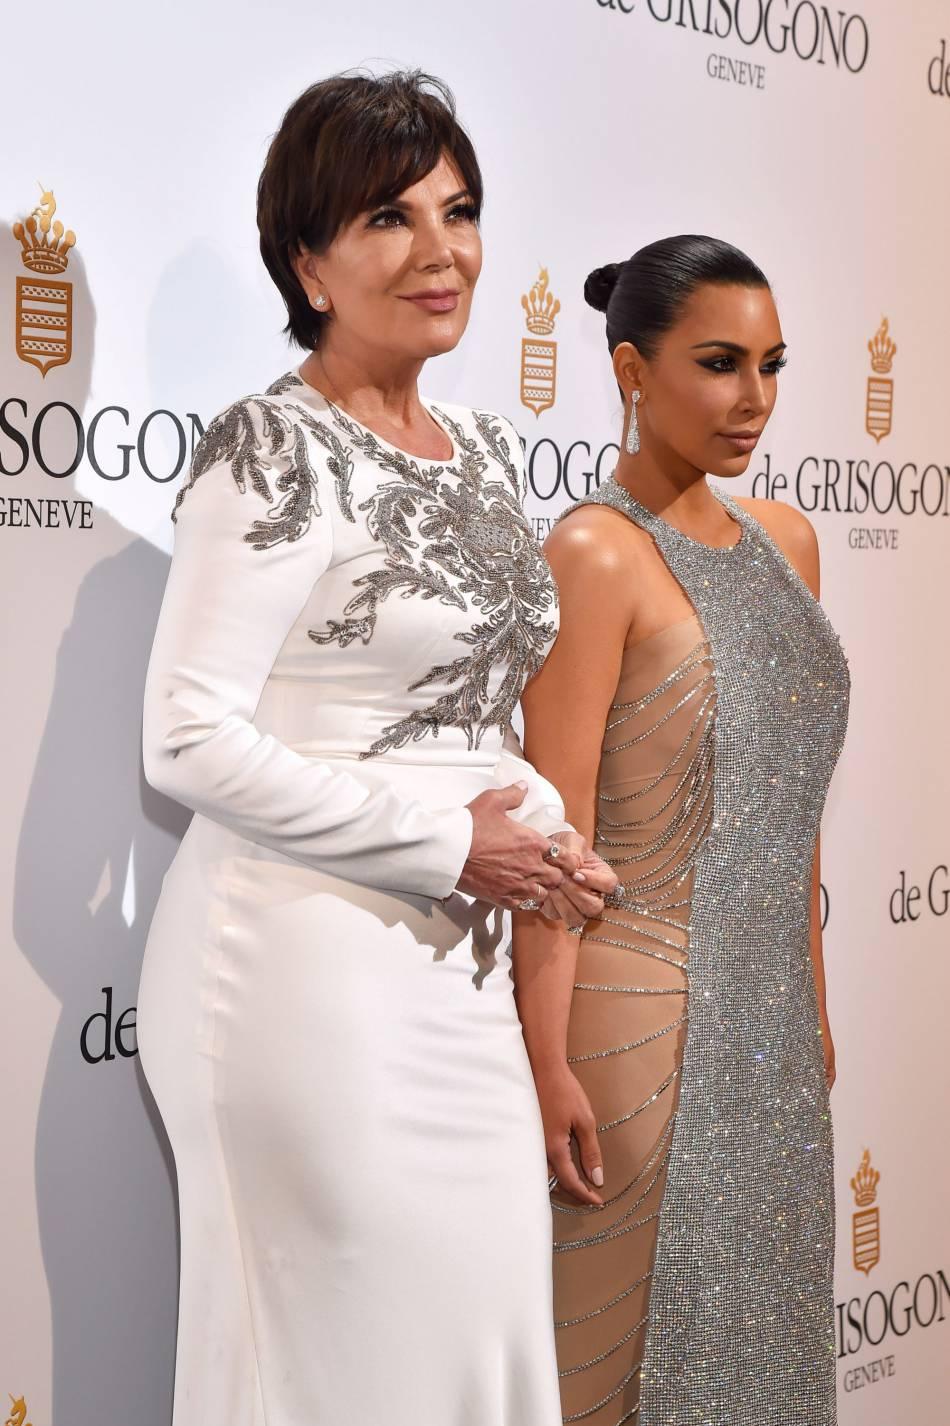 Les célébrités les plus attendues étaient Kris Jenner et Kim Kardashian.